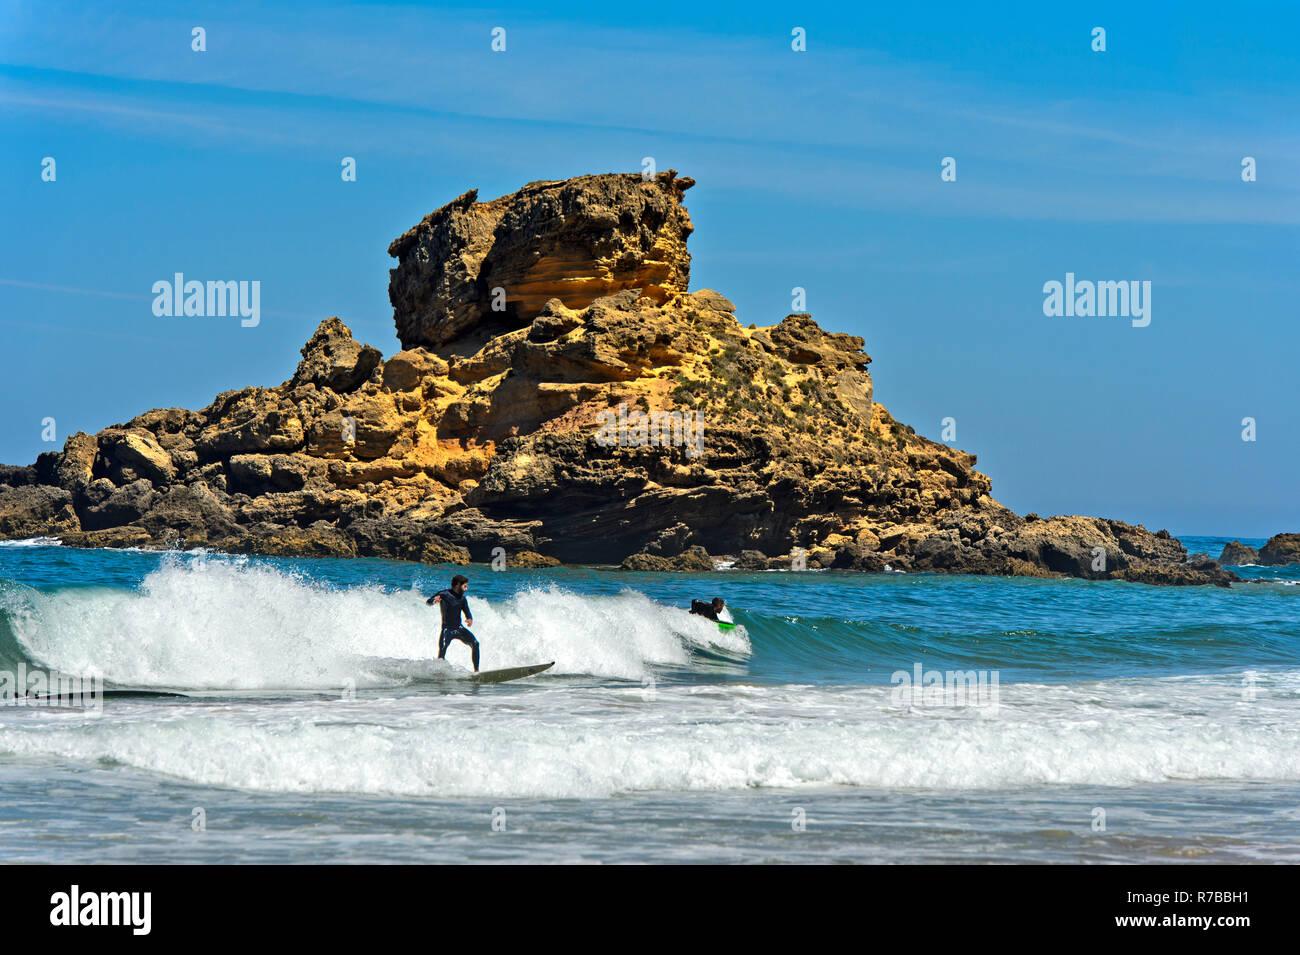 Surfer at the Costa Vicentina coast, Vila do Bispo, Portugal - Stock Image